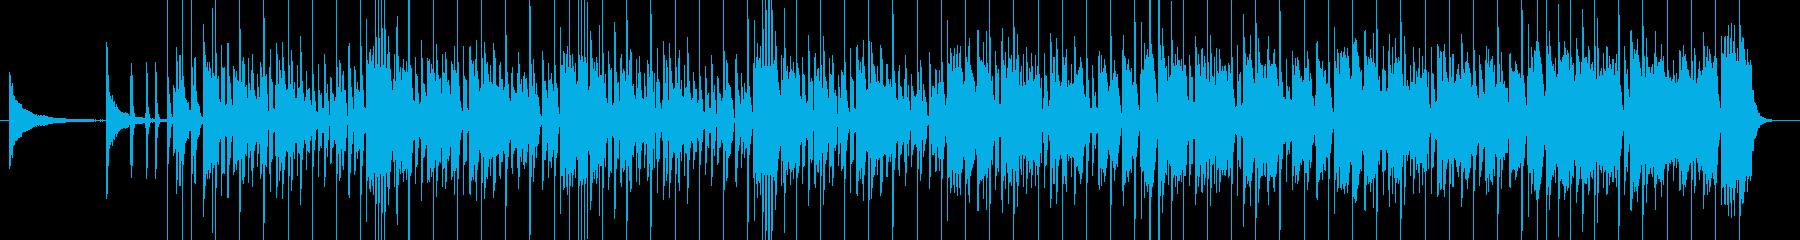 迫力満点のヒップホップビートの再生済みの波形